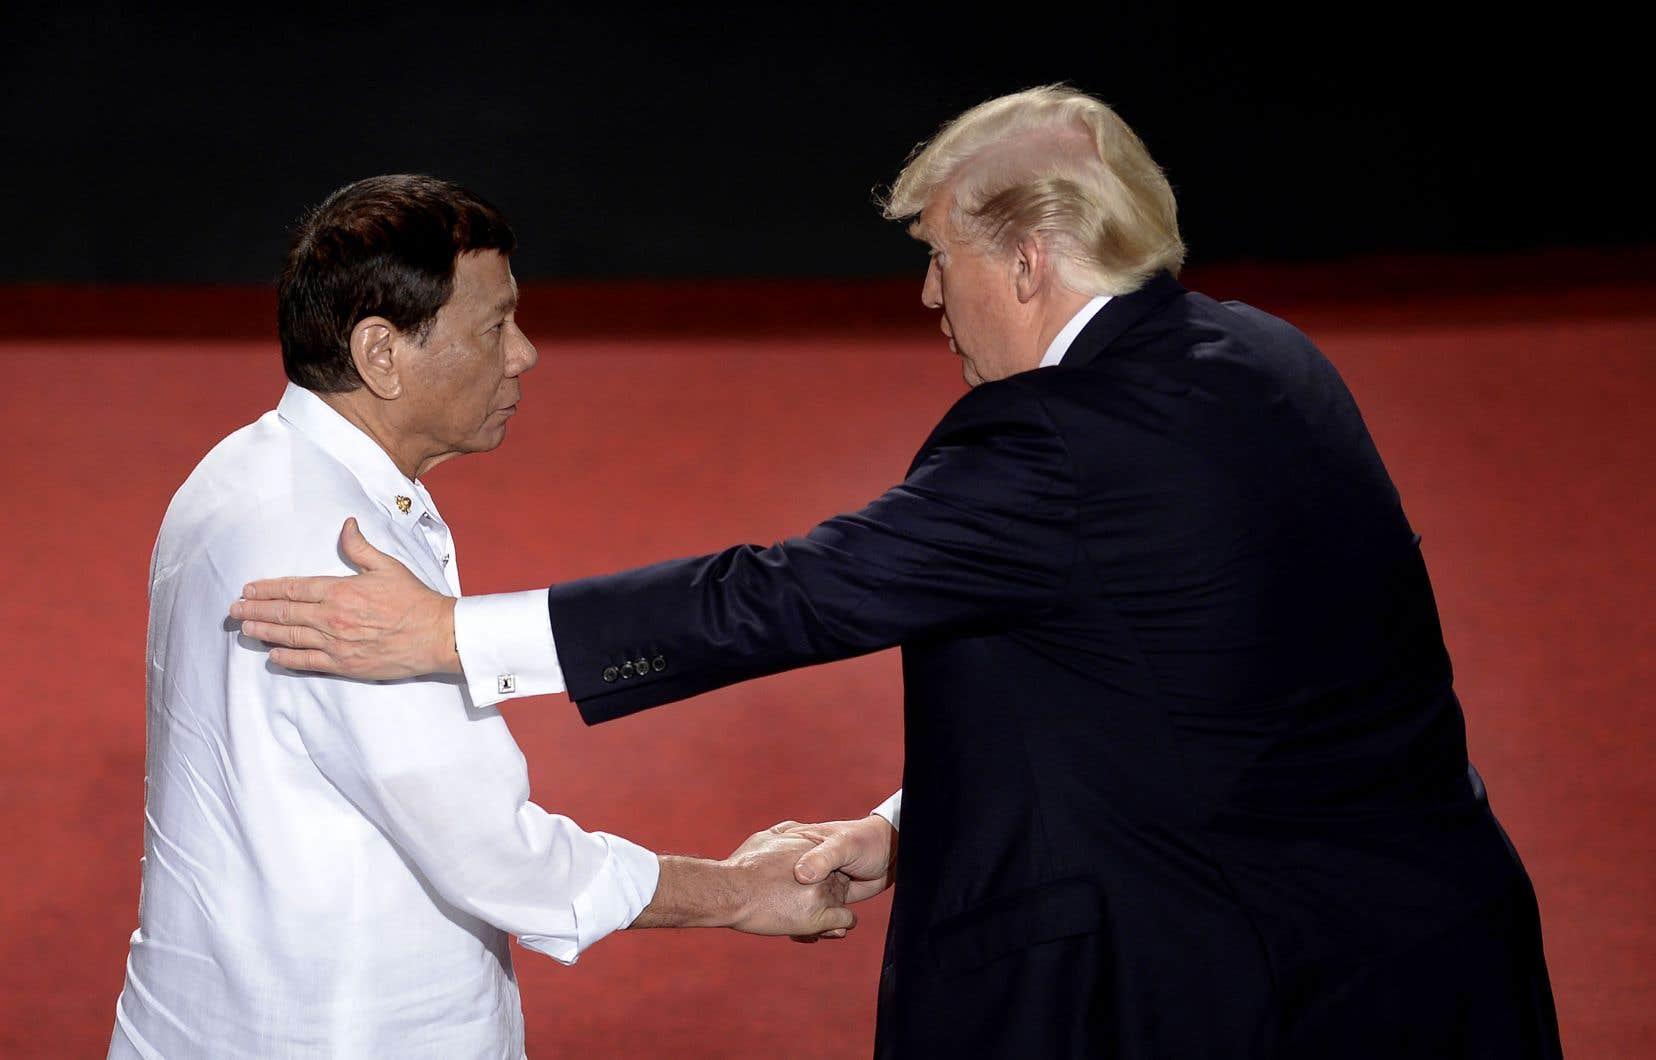 À Manille, les deux chefs d'État, sont apparus chaleureux et complices, une rupture avec la relation entre le président philippin et le prédécesseur de Trump, Barack Obama, qui avait annulé une rencontre après une insulte du dirigeant asiatique.